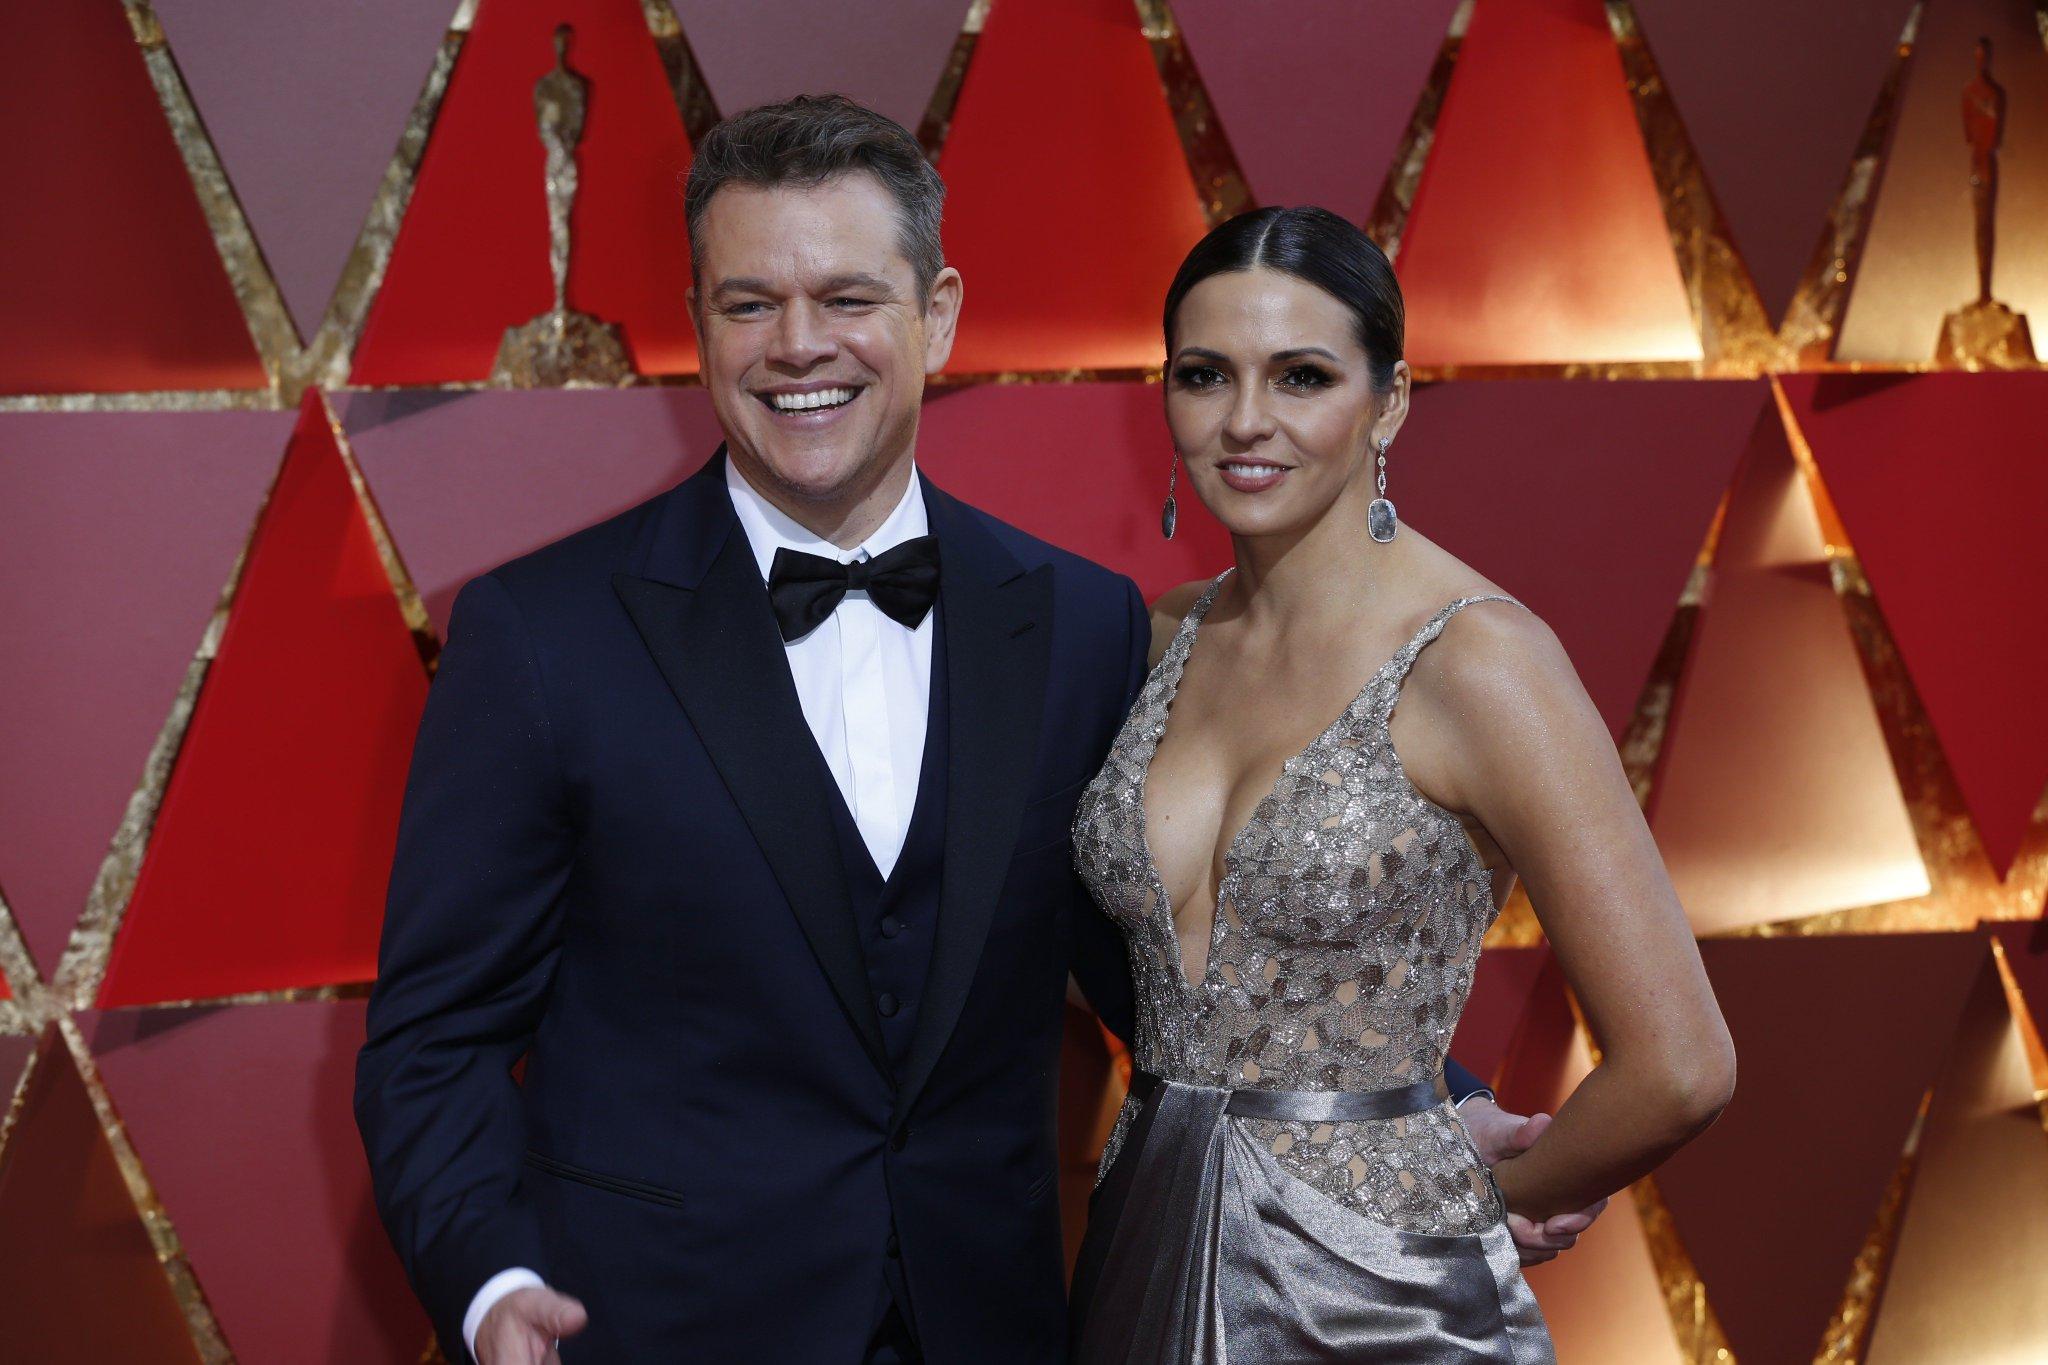 #Oscars host Jimmy Kimmel sees you, Matt Damon https://t.co/IVm5H11liw https://t.co/2Krb65qa37